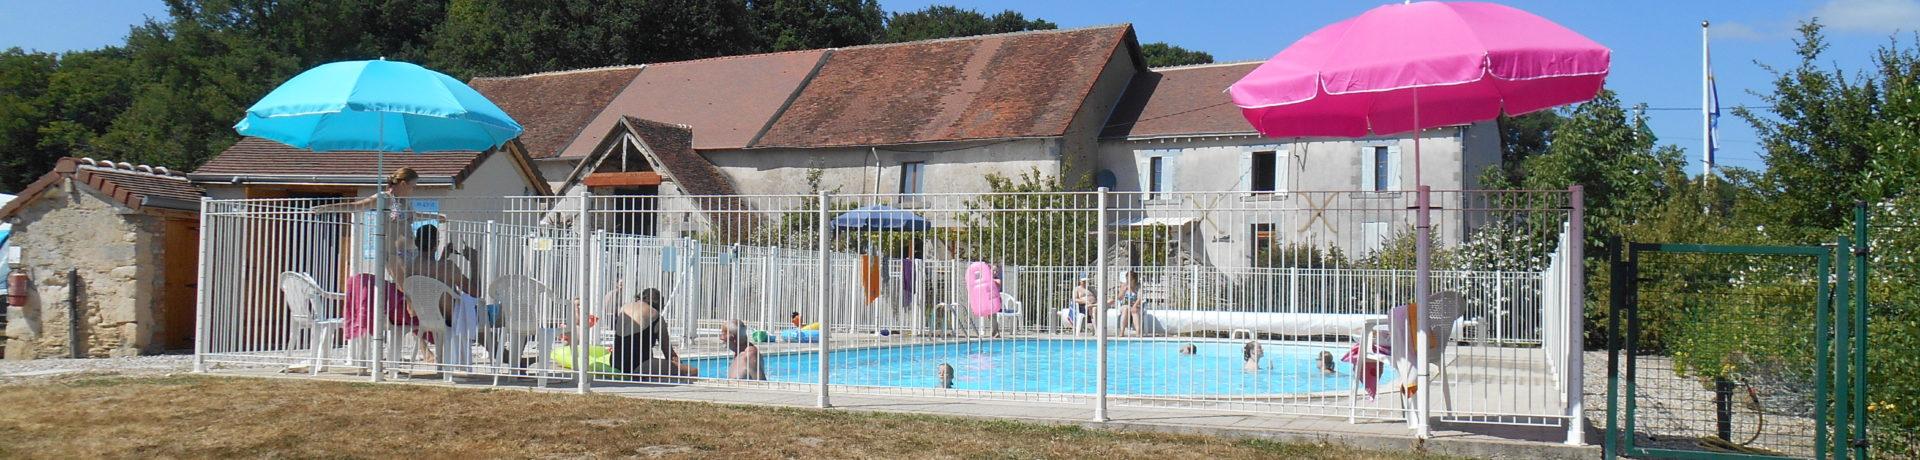 Deze gezellige kleine familiecamping met verwarmd zwembadin Eguzon ligtvlakbij het meer de Creuse, grenzend aan de Limousin, midden Frankrijk.